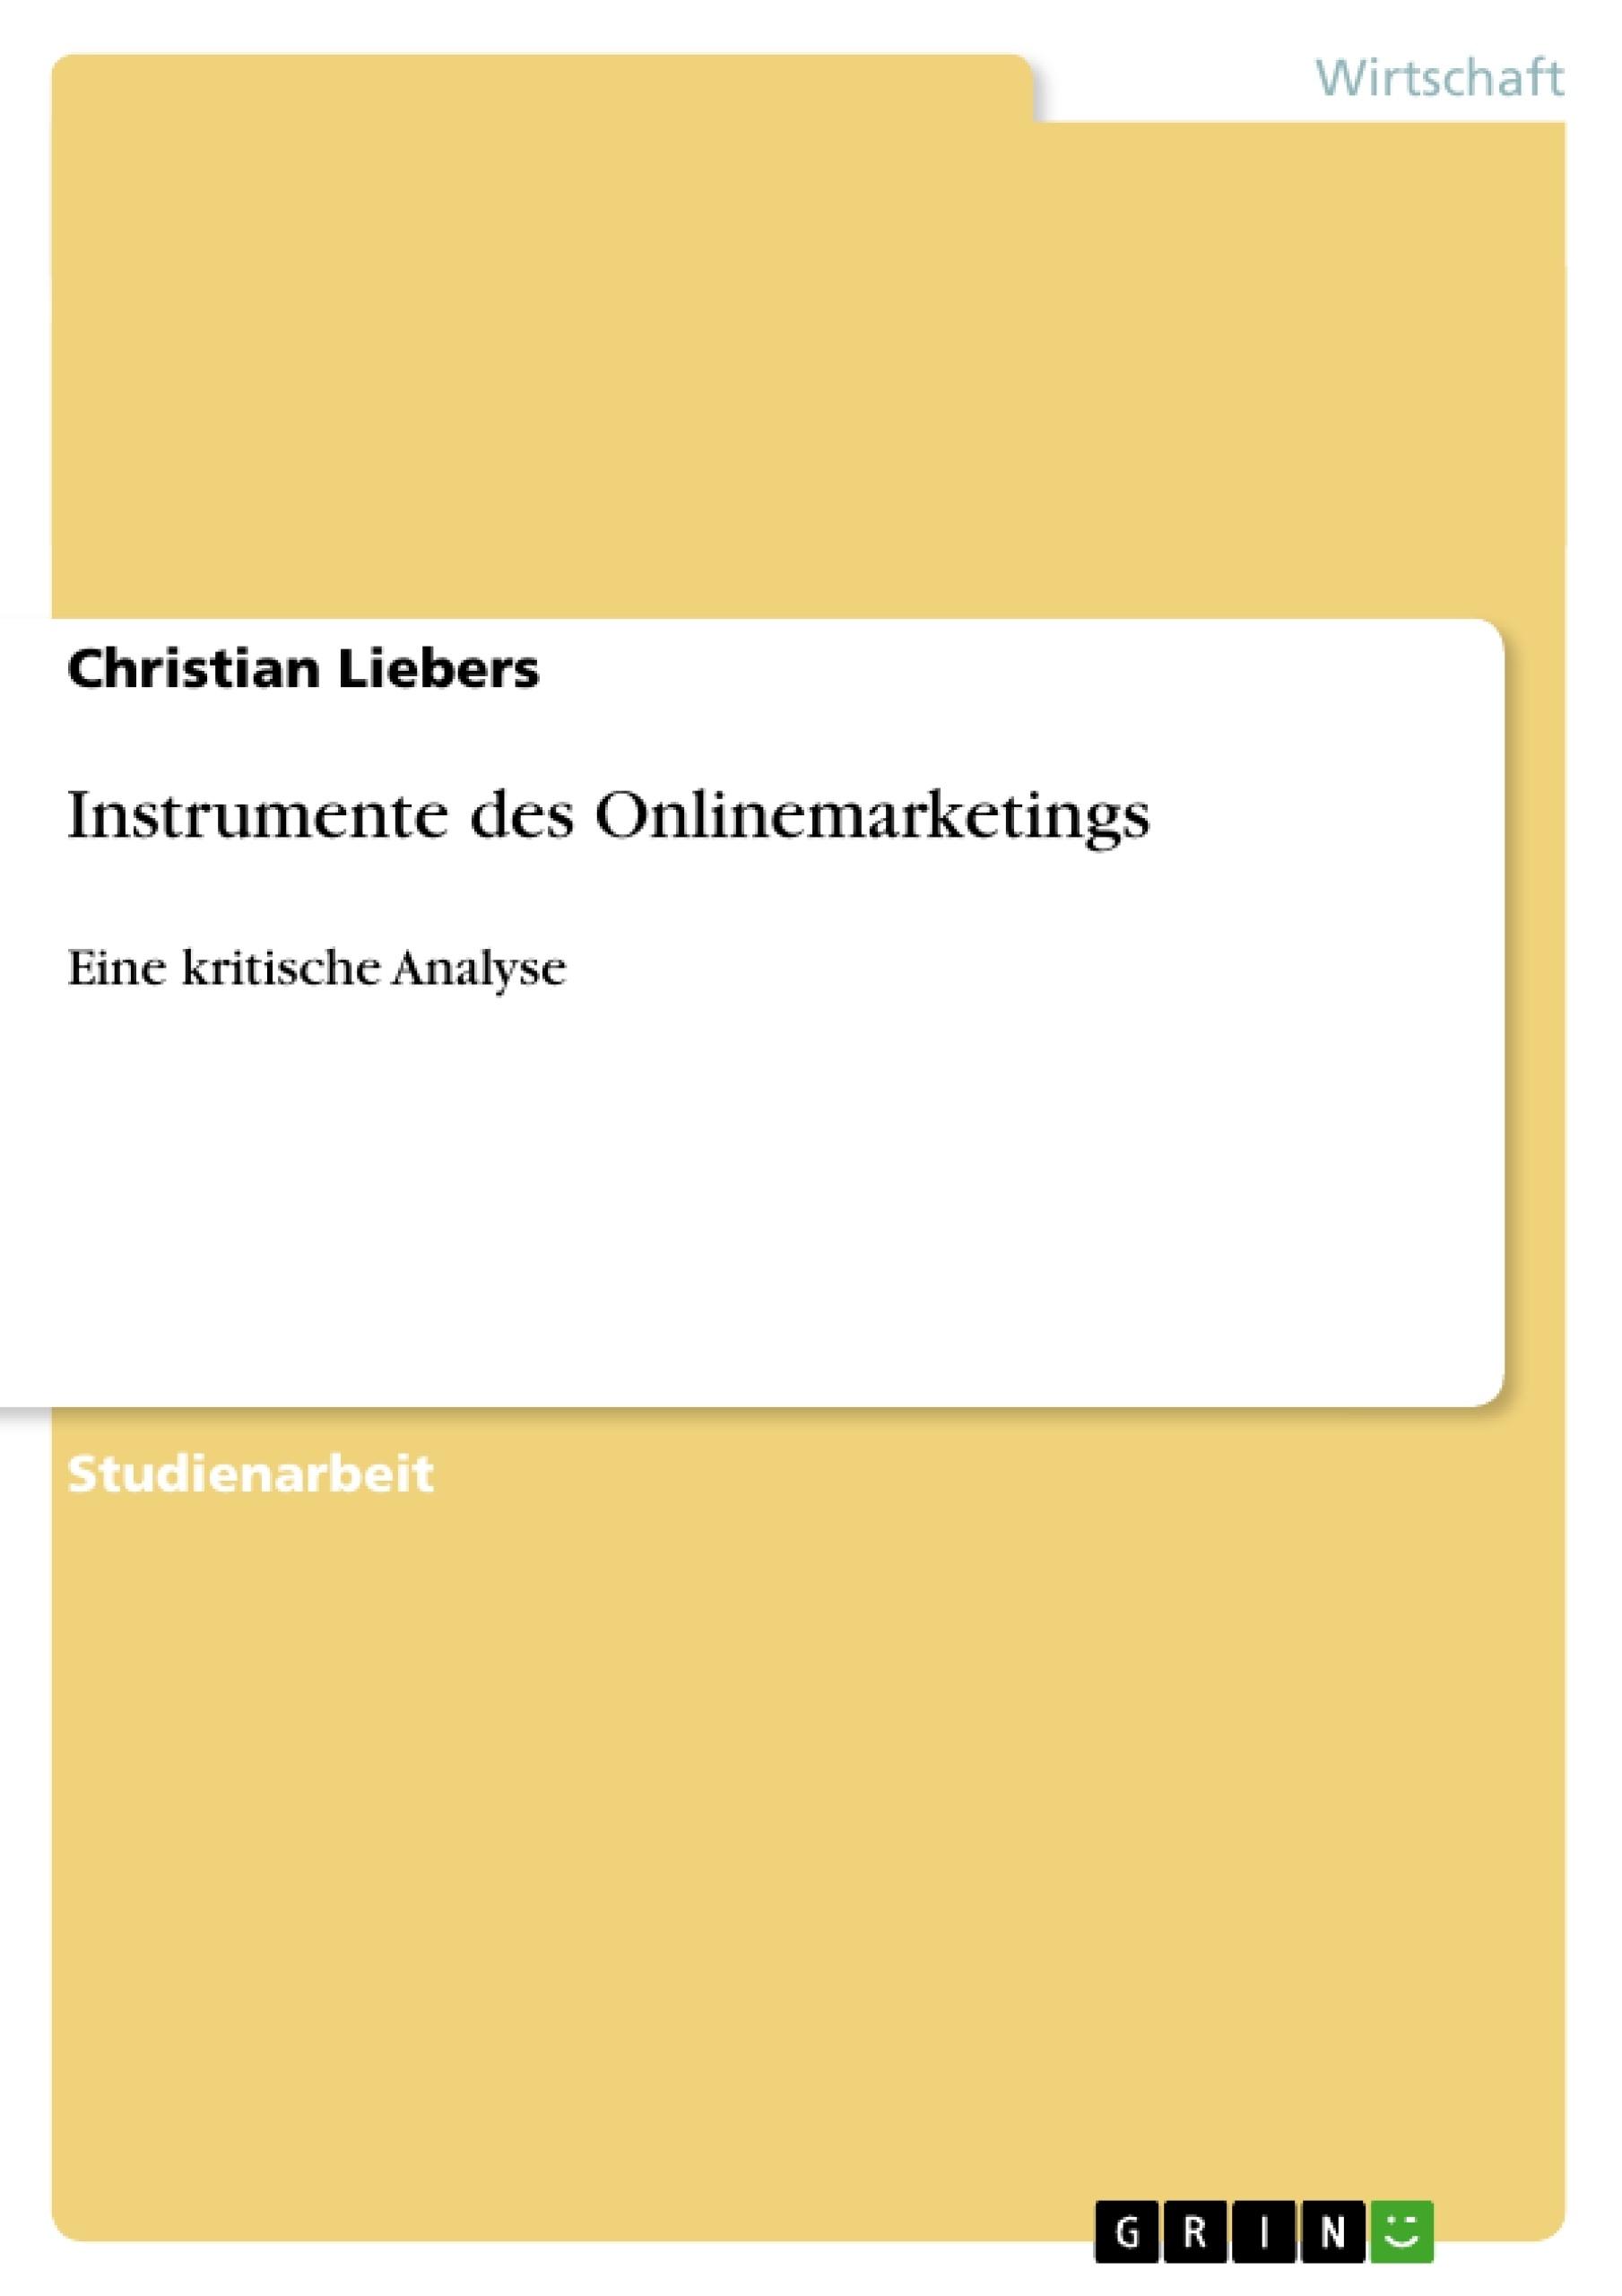 Titel: Instrumente des Onlinemarketings